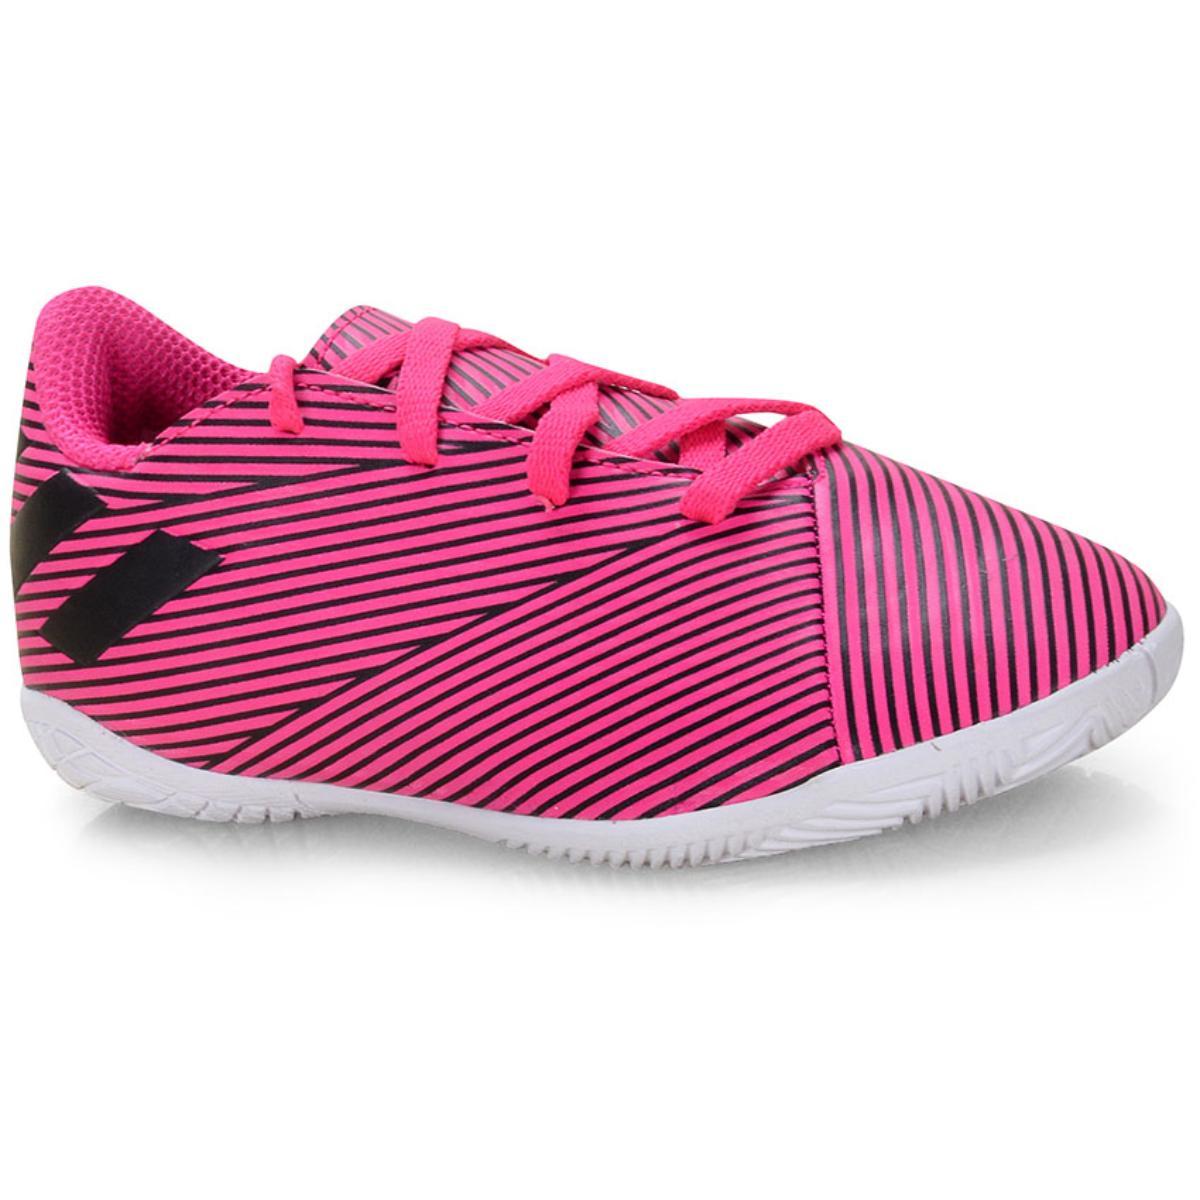 Tênis Masc Infantil Adidas F99939 Nemeziz 19 4 in jr Pink/preto/branco